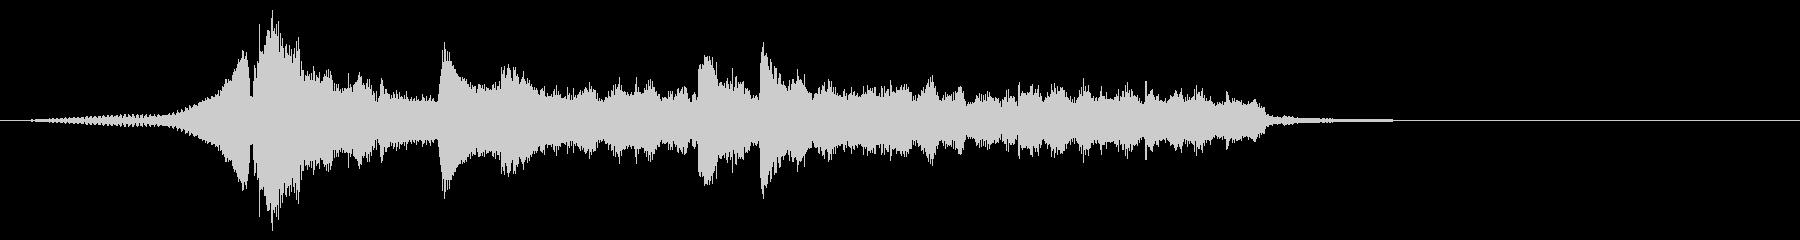 ピアノによるミニマルなジングルの未再生の波形